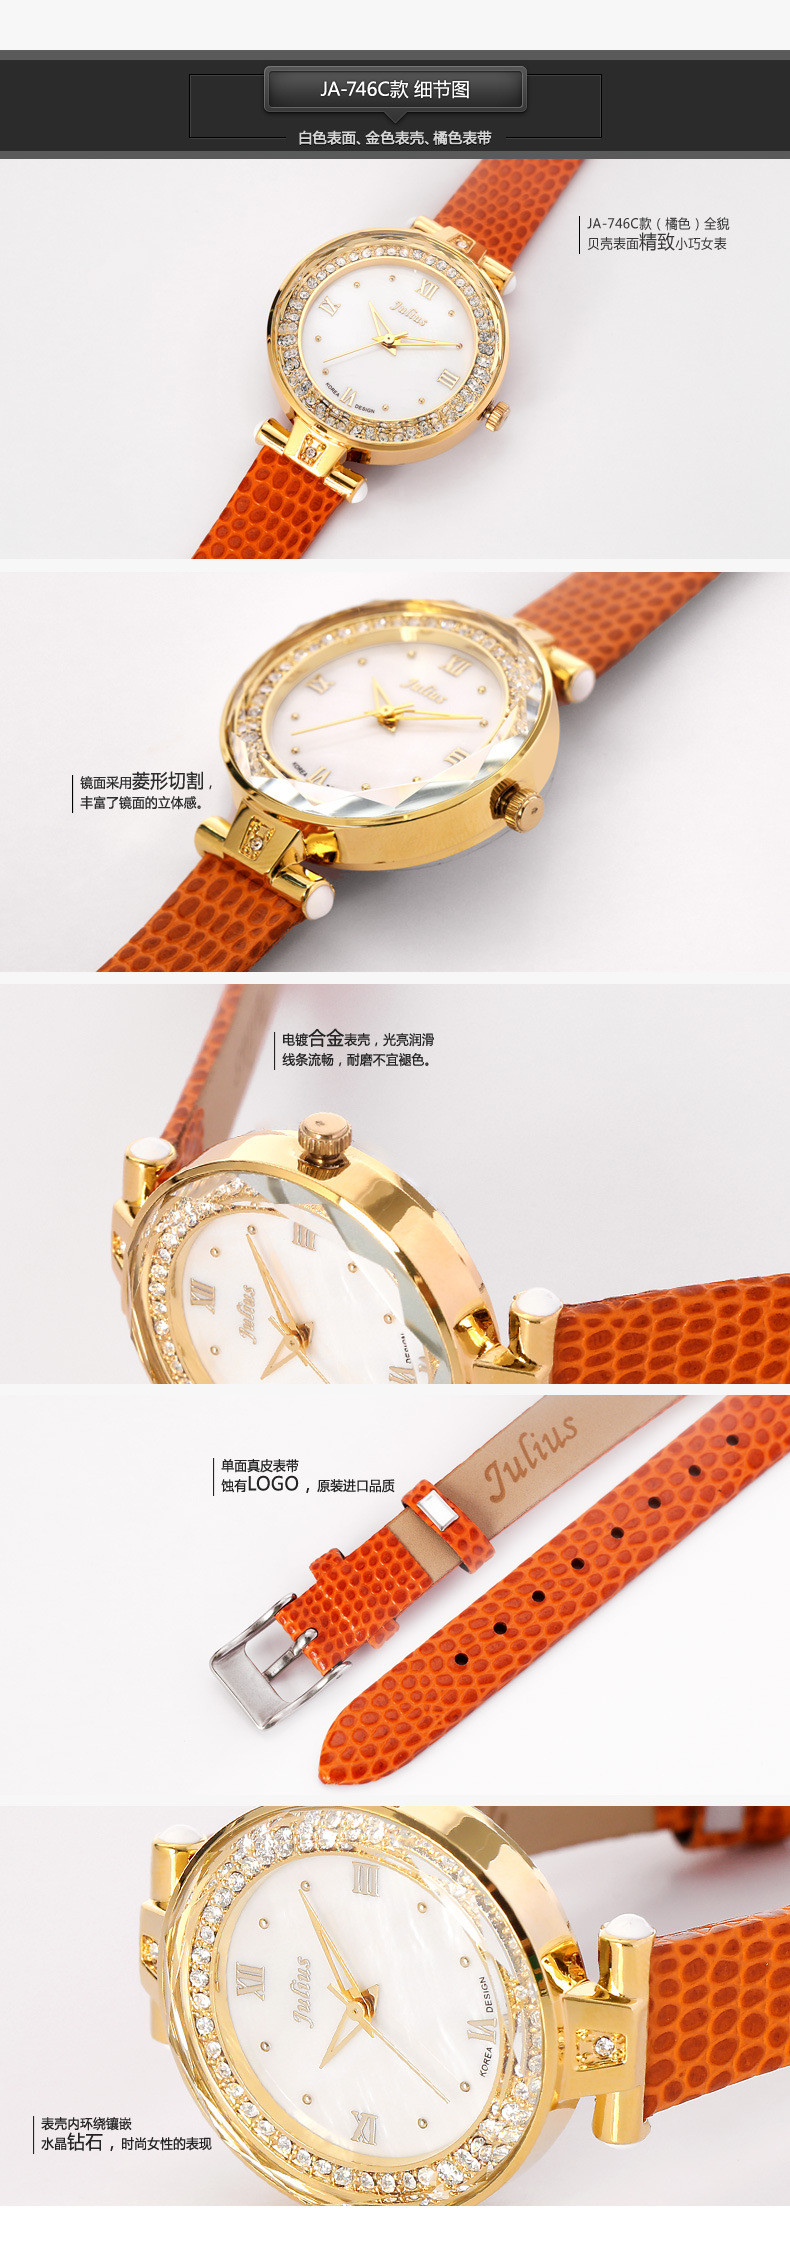 Юлий 5 Конфеты Цвета Леди Женщина Shell Часы Кварца Япония часов Лучший Моды Платье Кожаный Браслет Девушка Подарок На День Рождения Ящик 746